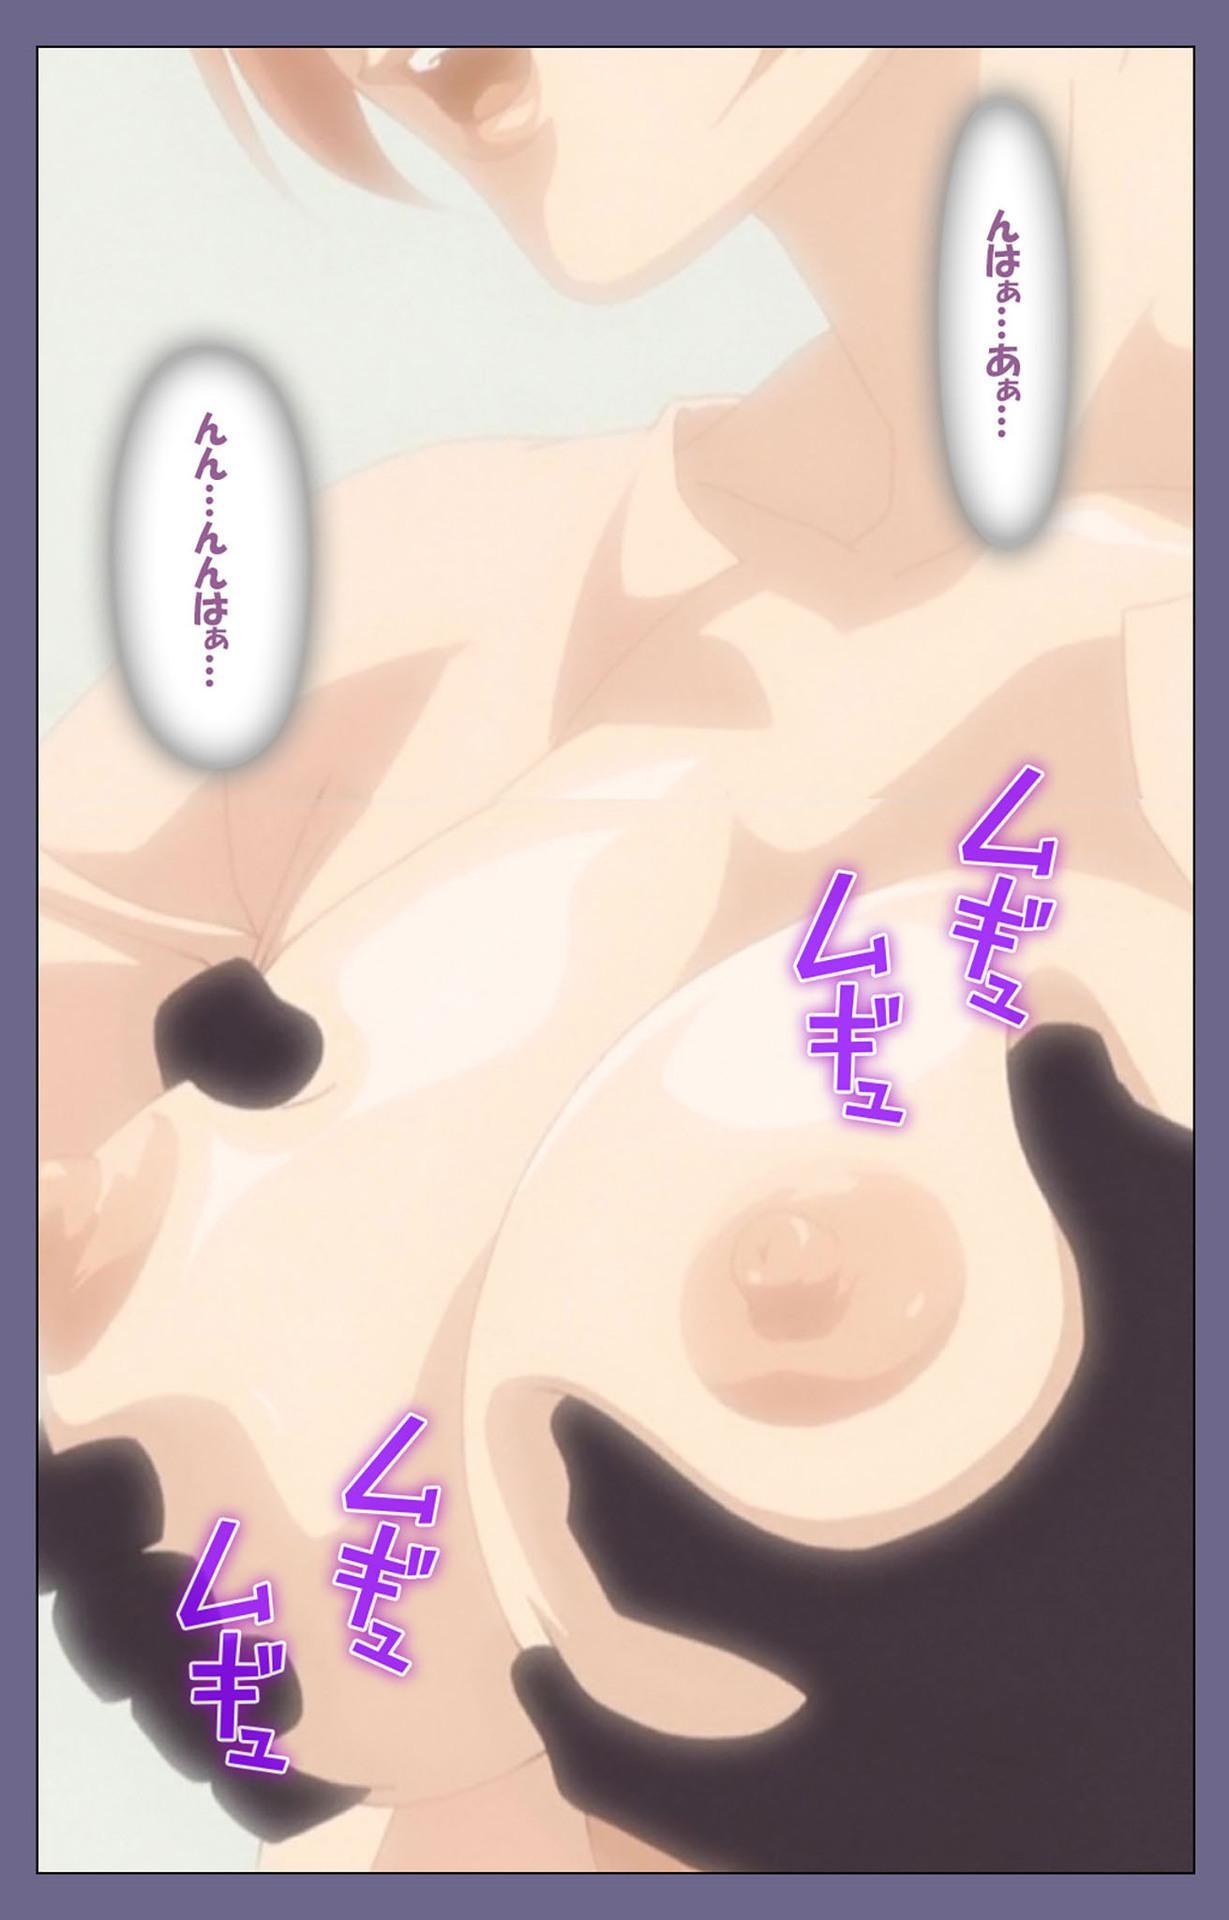 Itazura kanzenhan 125